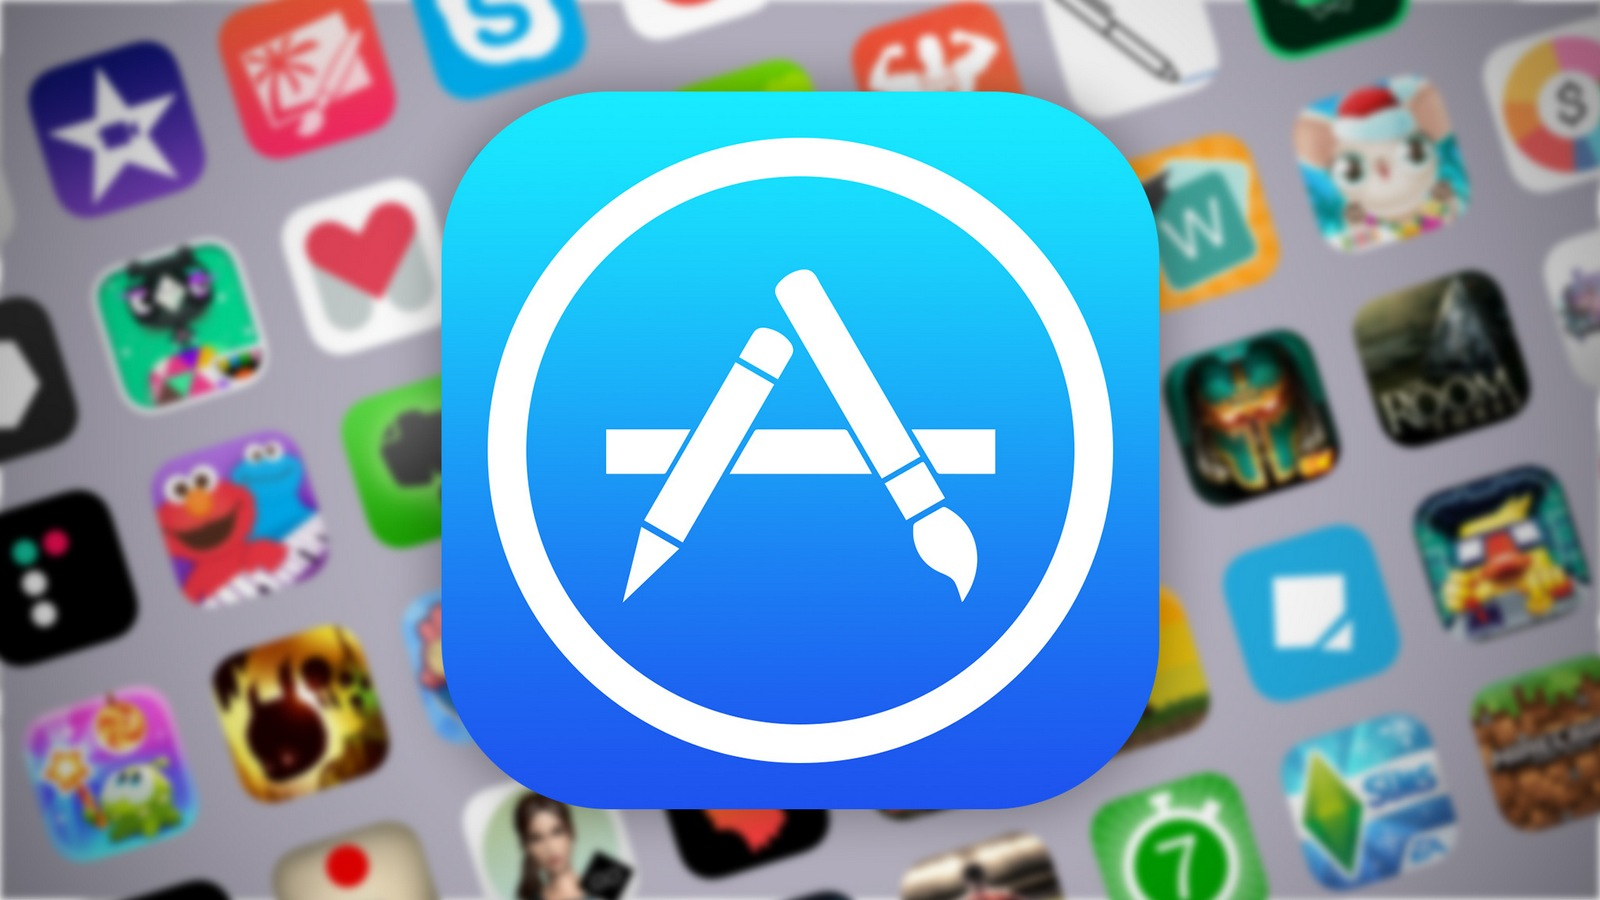 편리한 깃헙페이지 블로깅을 위한 이미지서버, 구글드라이브: 앱으로 만들고 키보드 단축키 연결하기